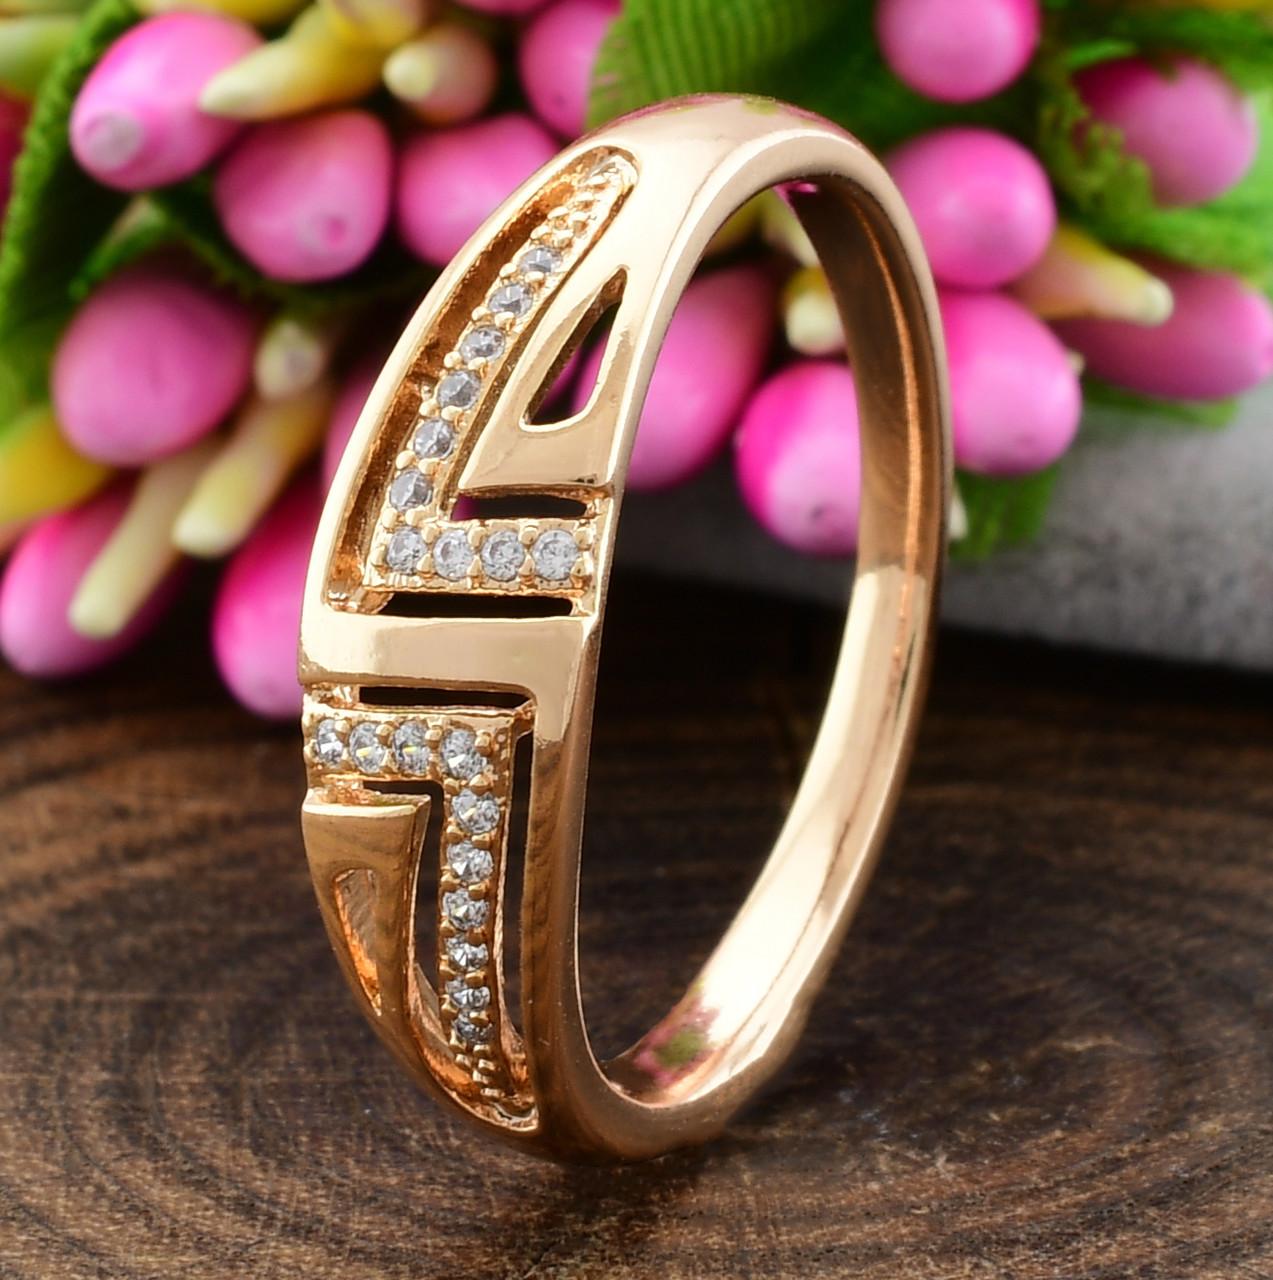 Кольцо Xuping 15166 размер 18 ширина 6 мм вес 2.2 г белые фианиты позолота 18К